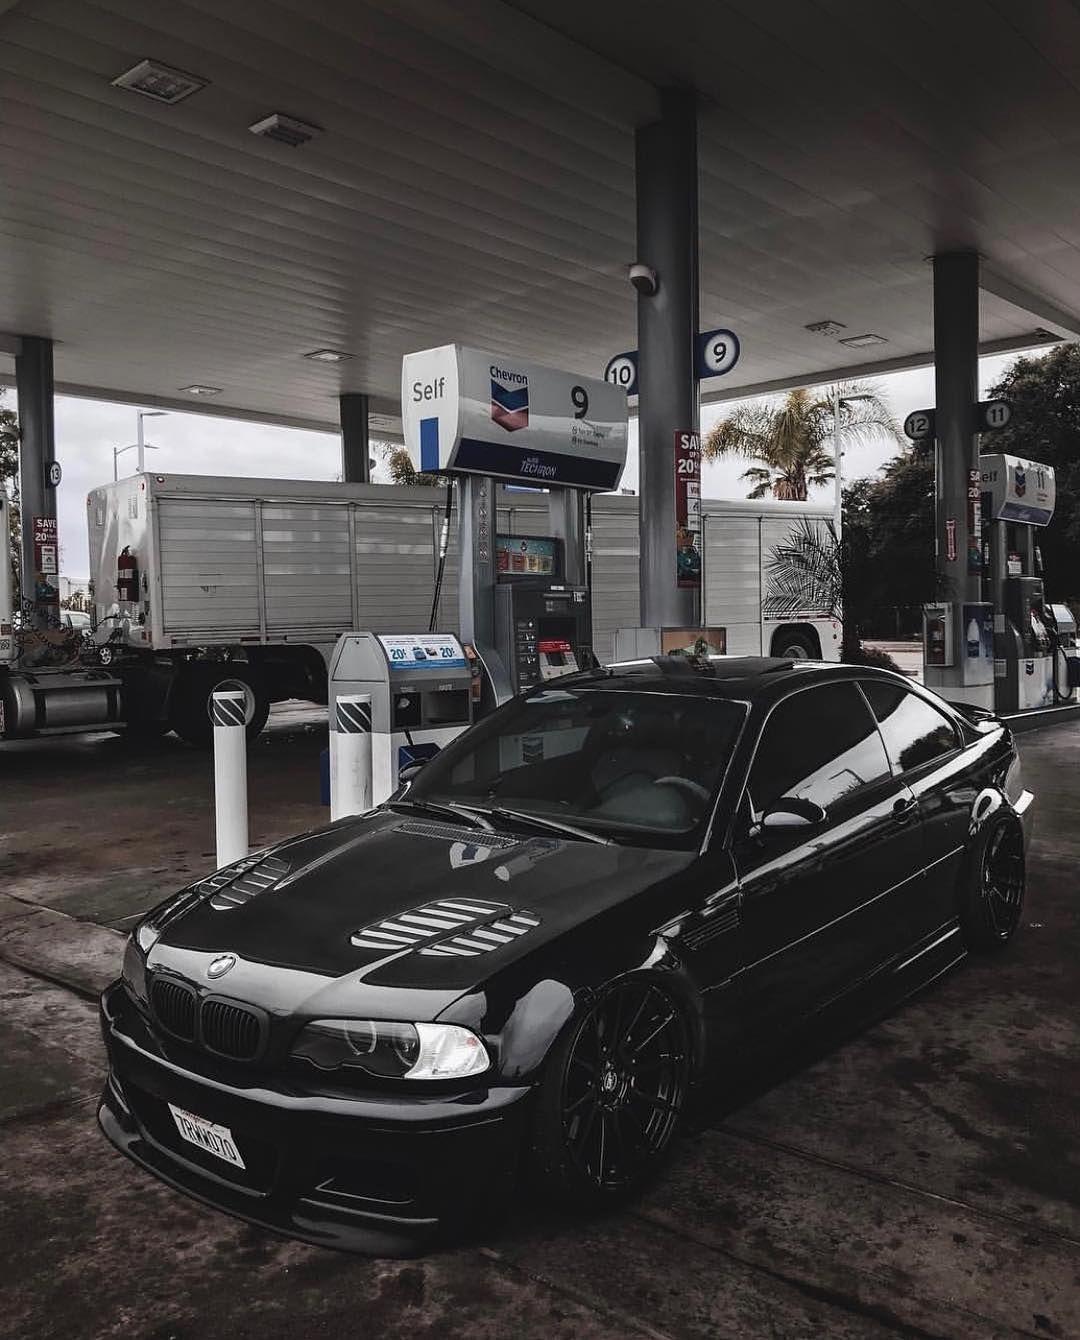 Bmw E46 M3 Black Dengan Gambar